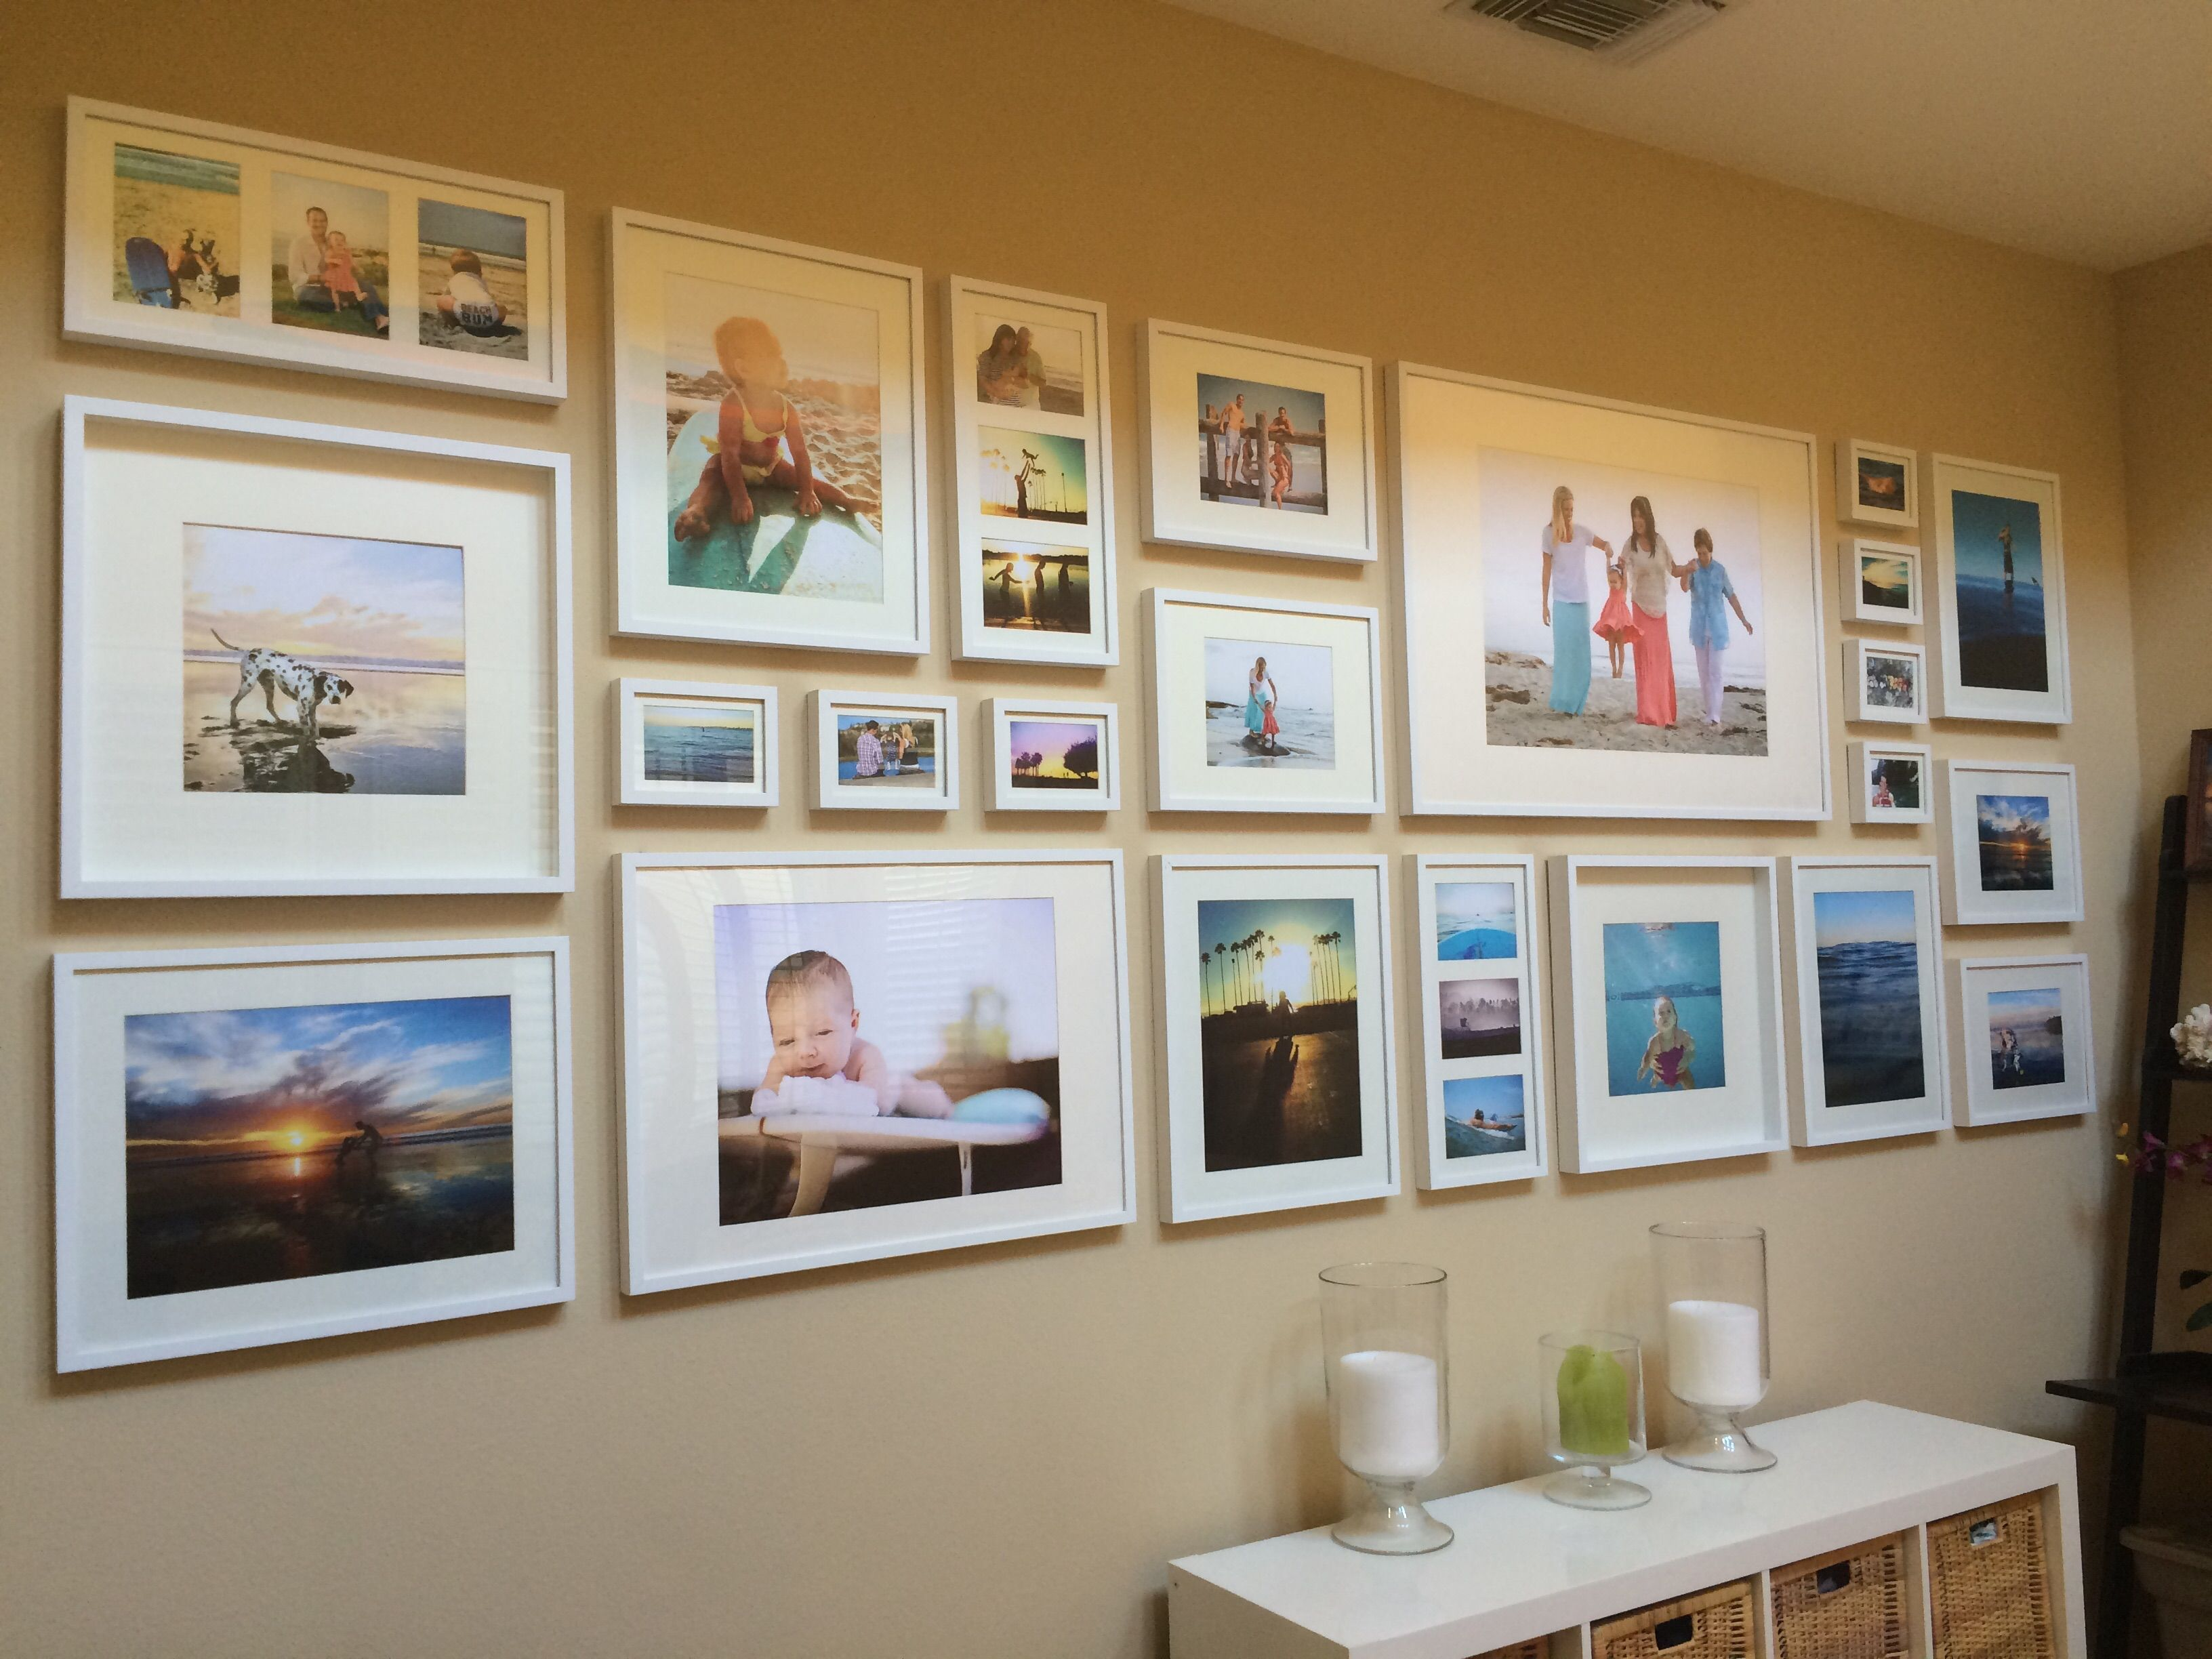 ikea ribba gallery wall layout # 4